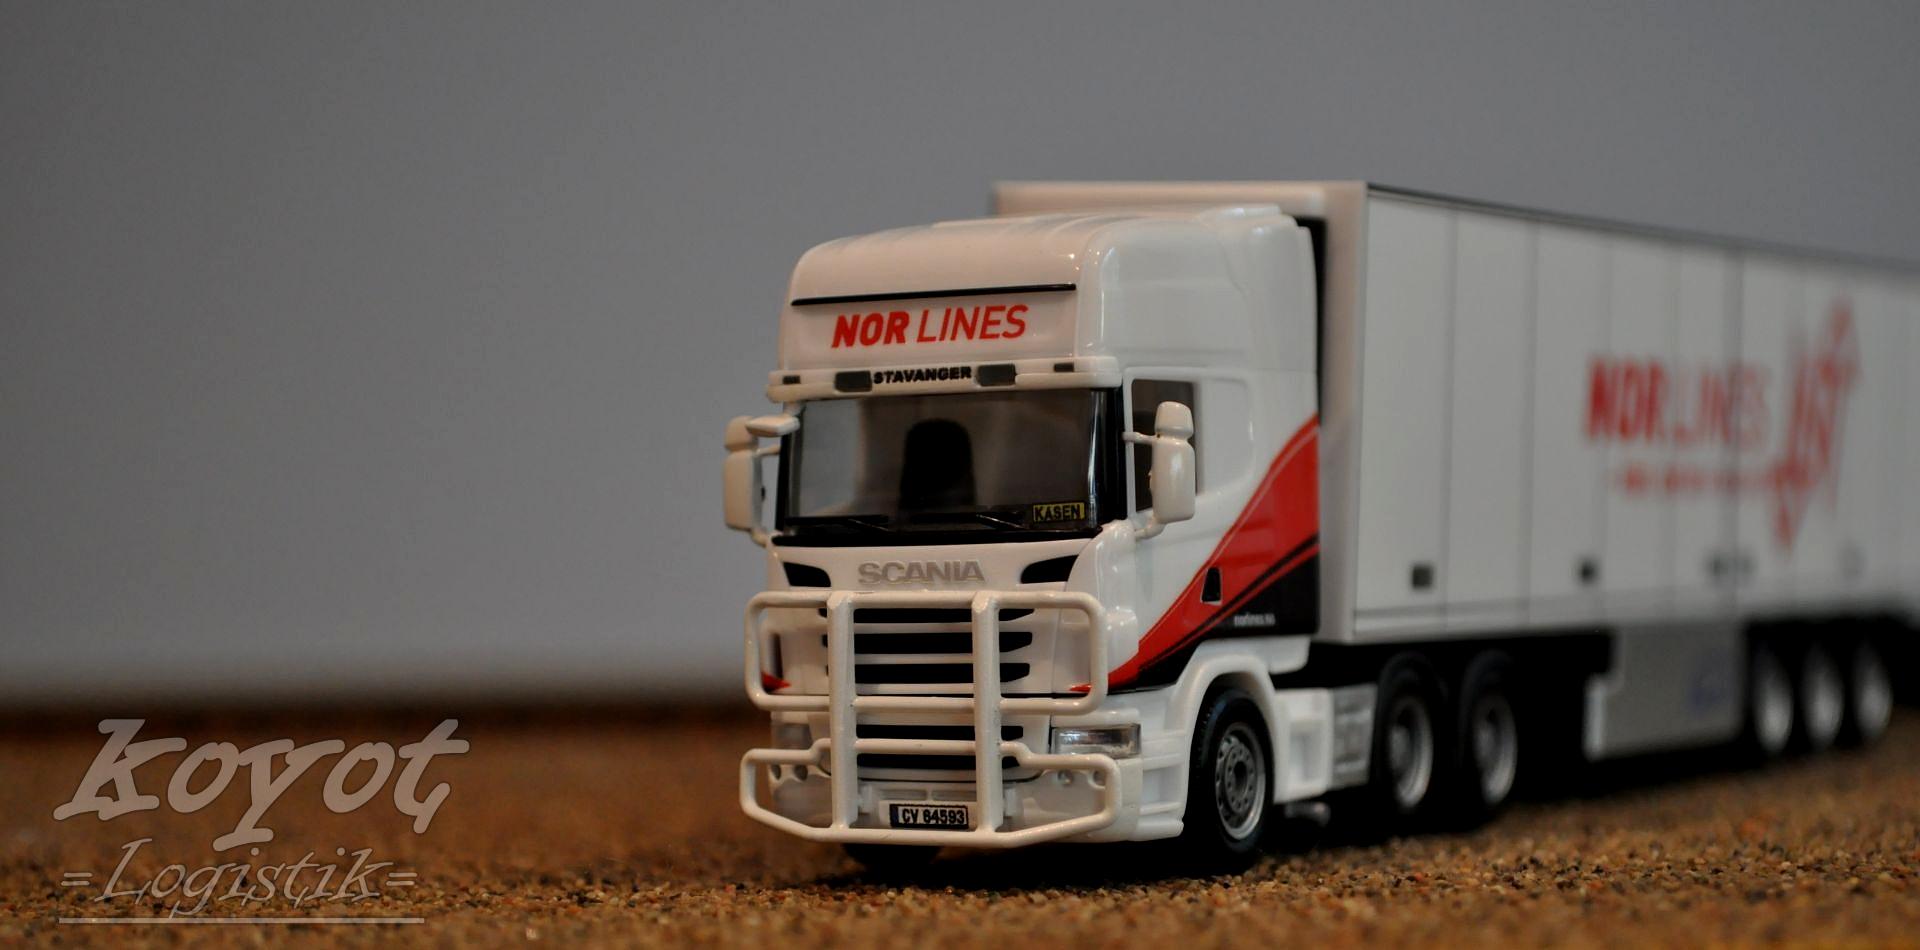 norlines1c.jpg